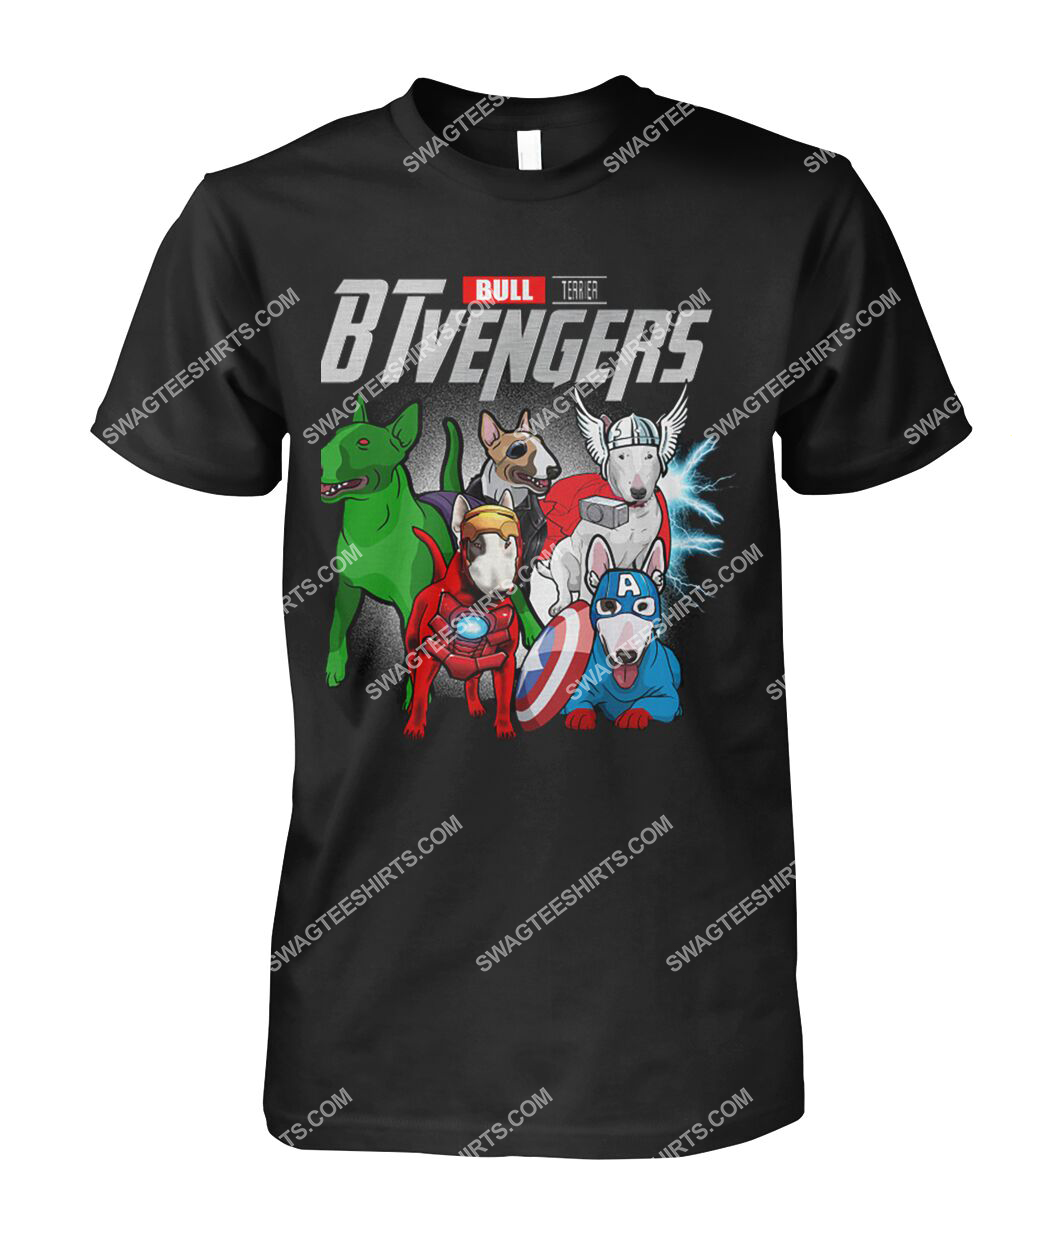 bull terrier btvengers marvel avengers dogs lover tshirt 1